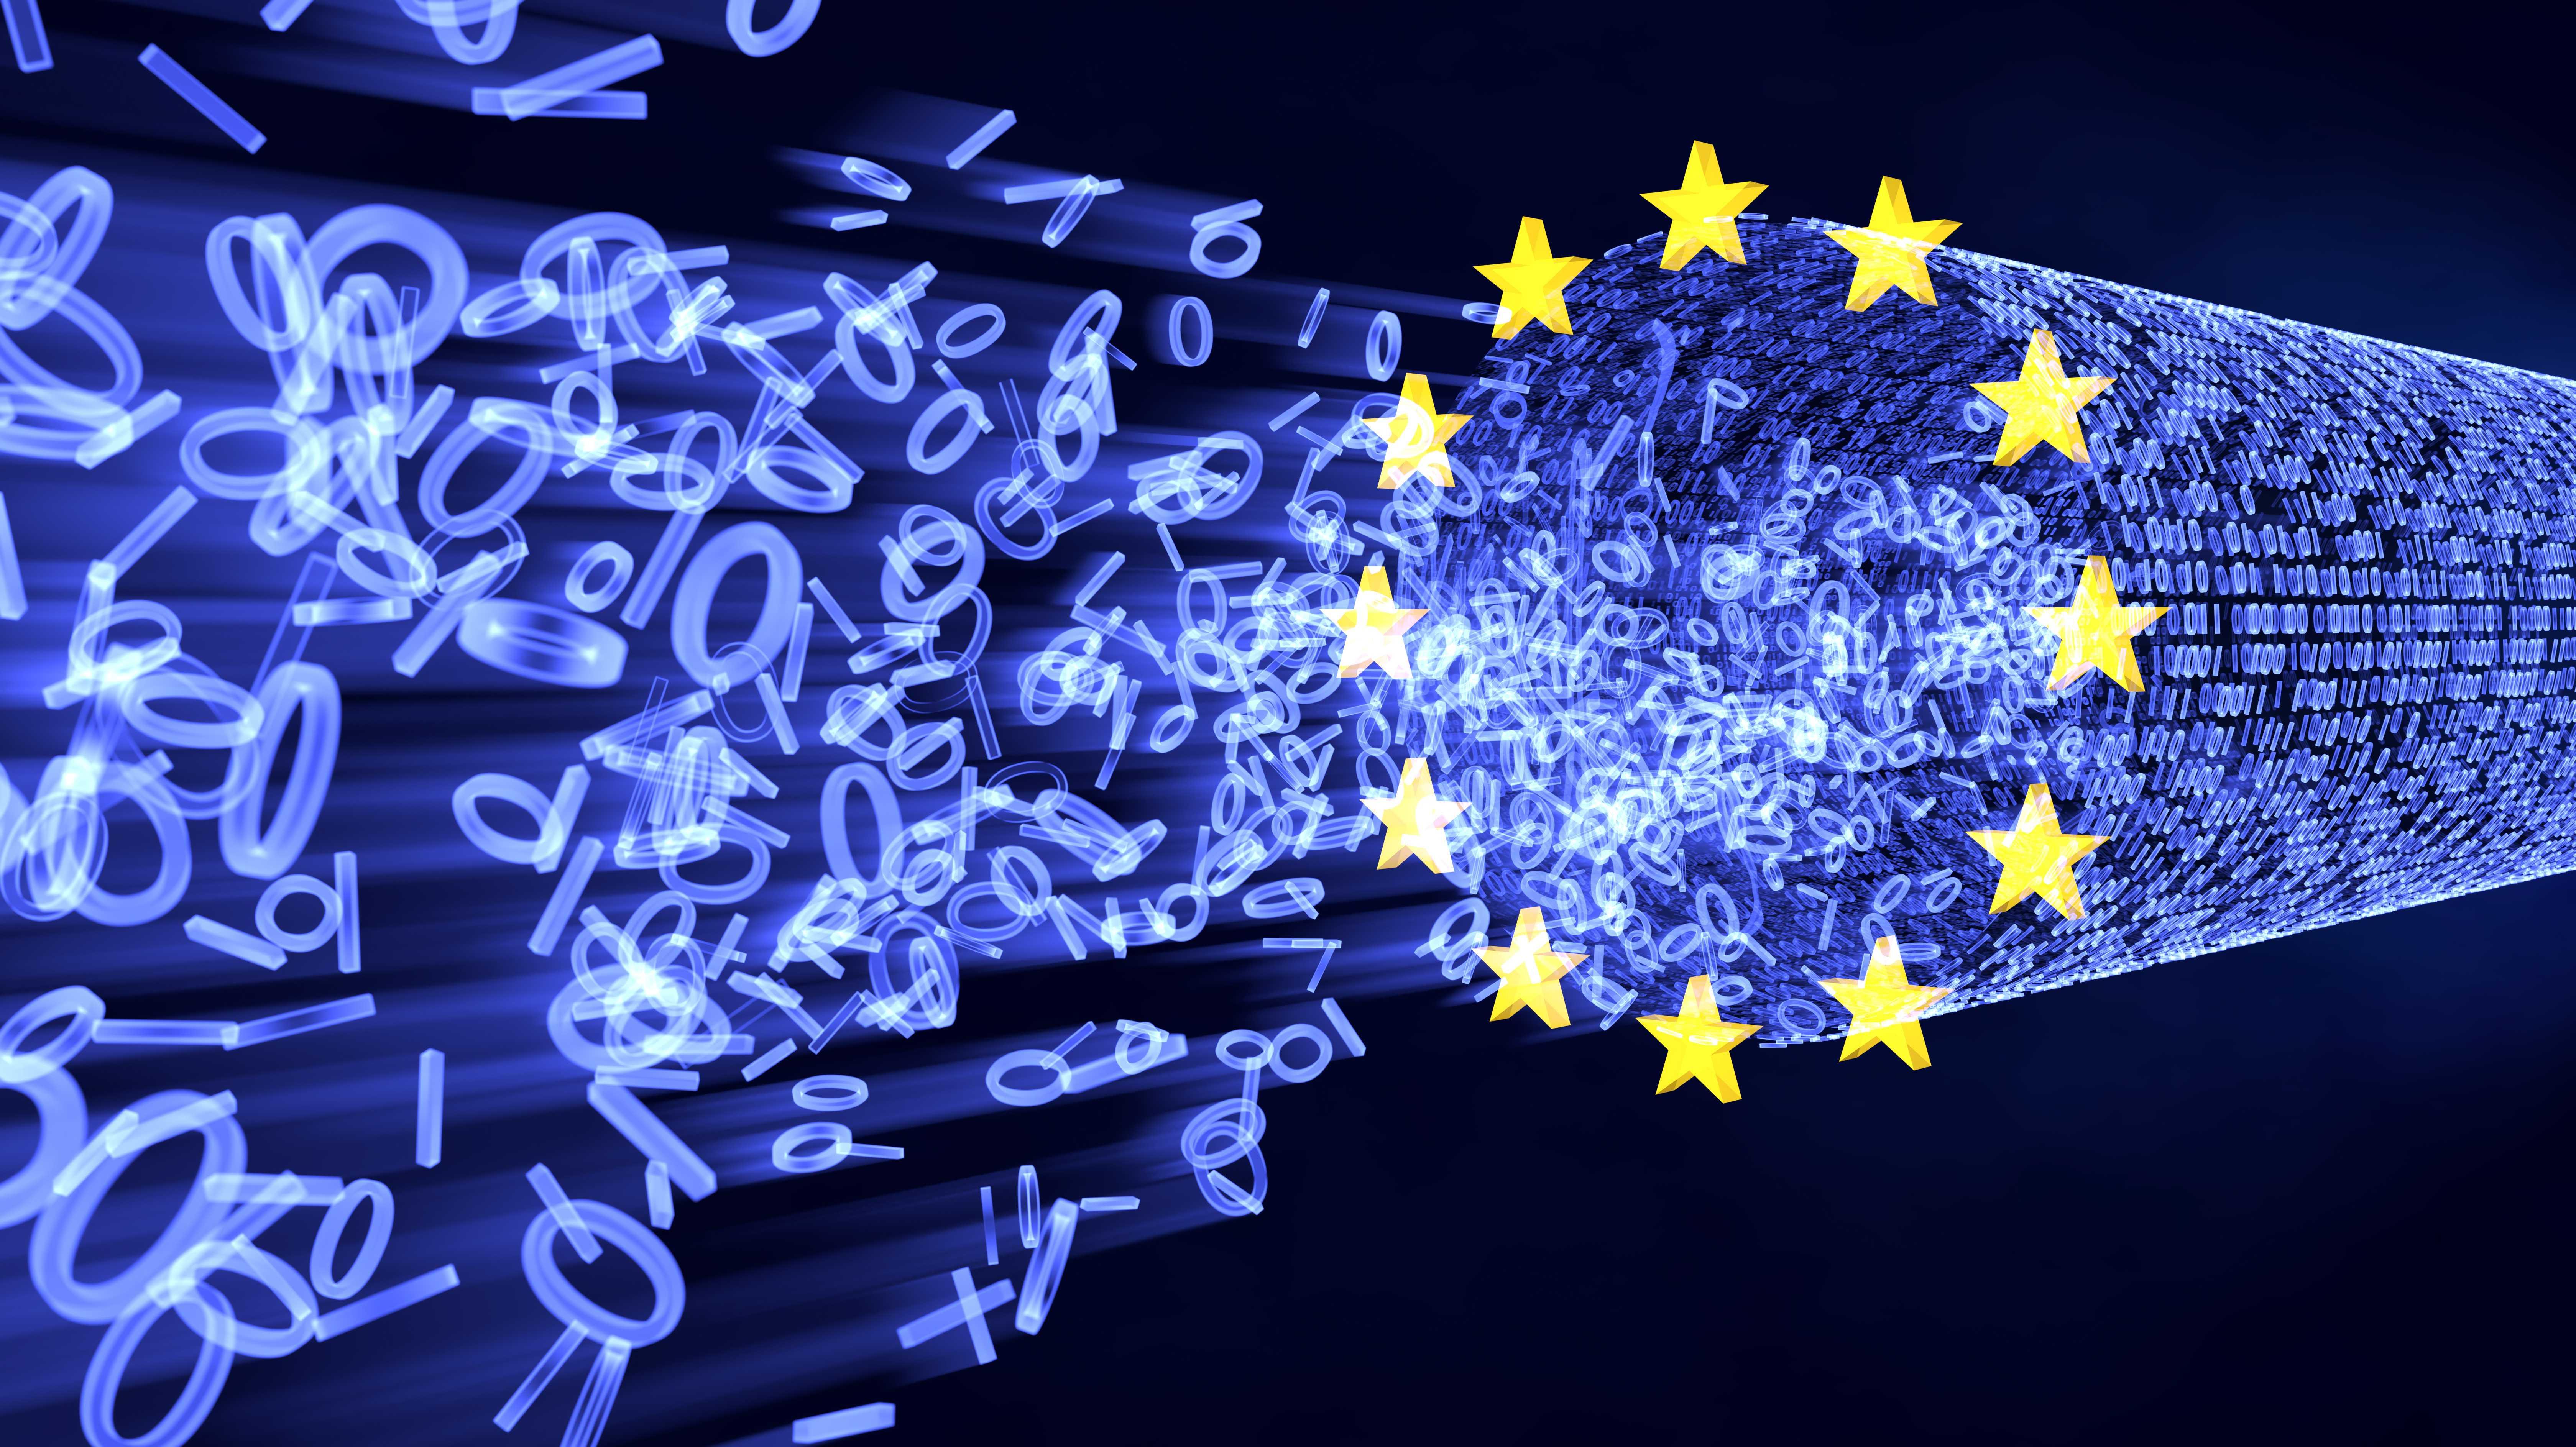 EuroDIG diskutiert Antworten auf Konsolidierung im Netz